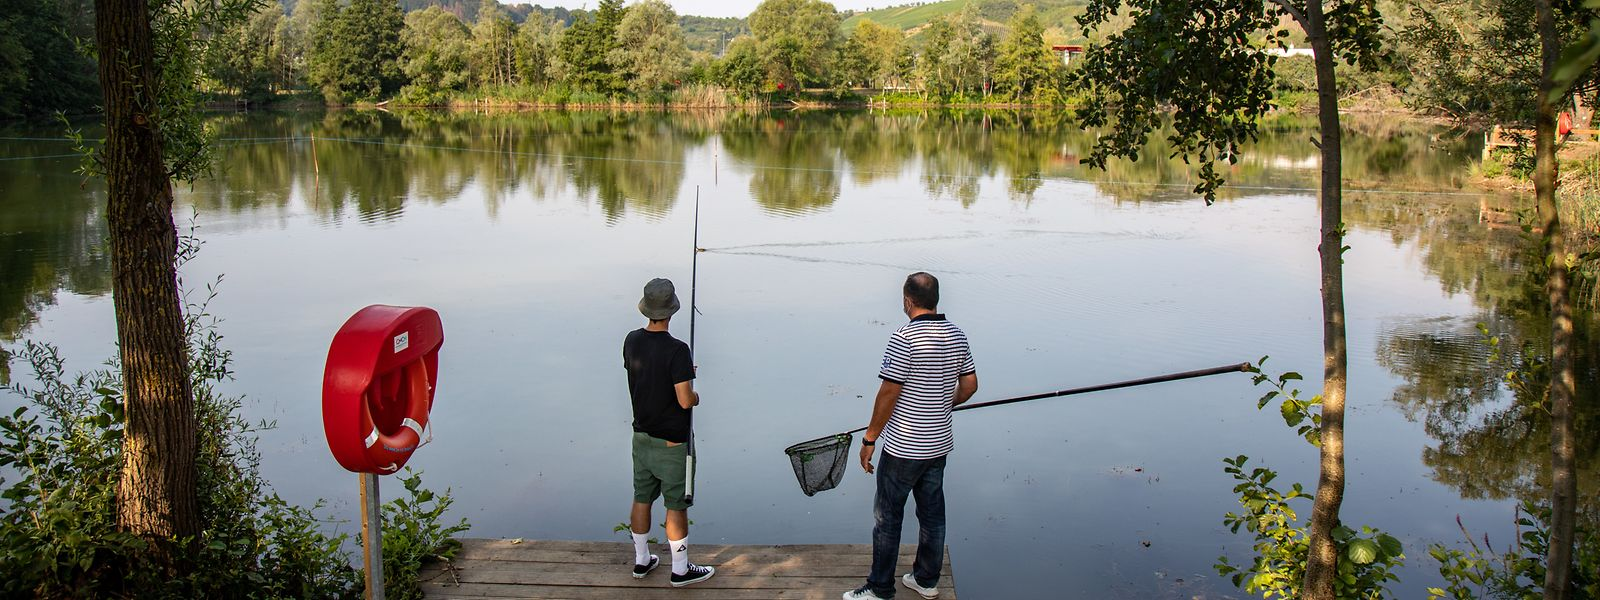 Hobbyfischer warten auf den großen Fang.